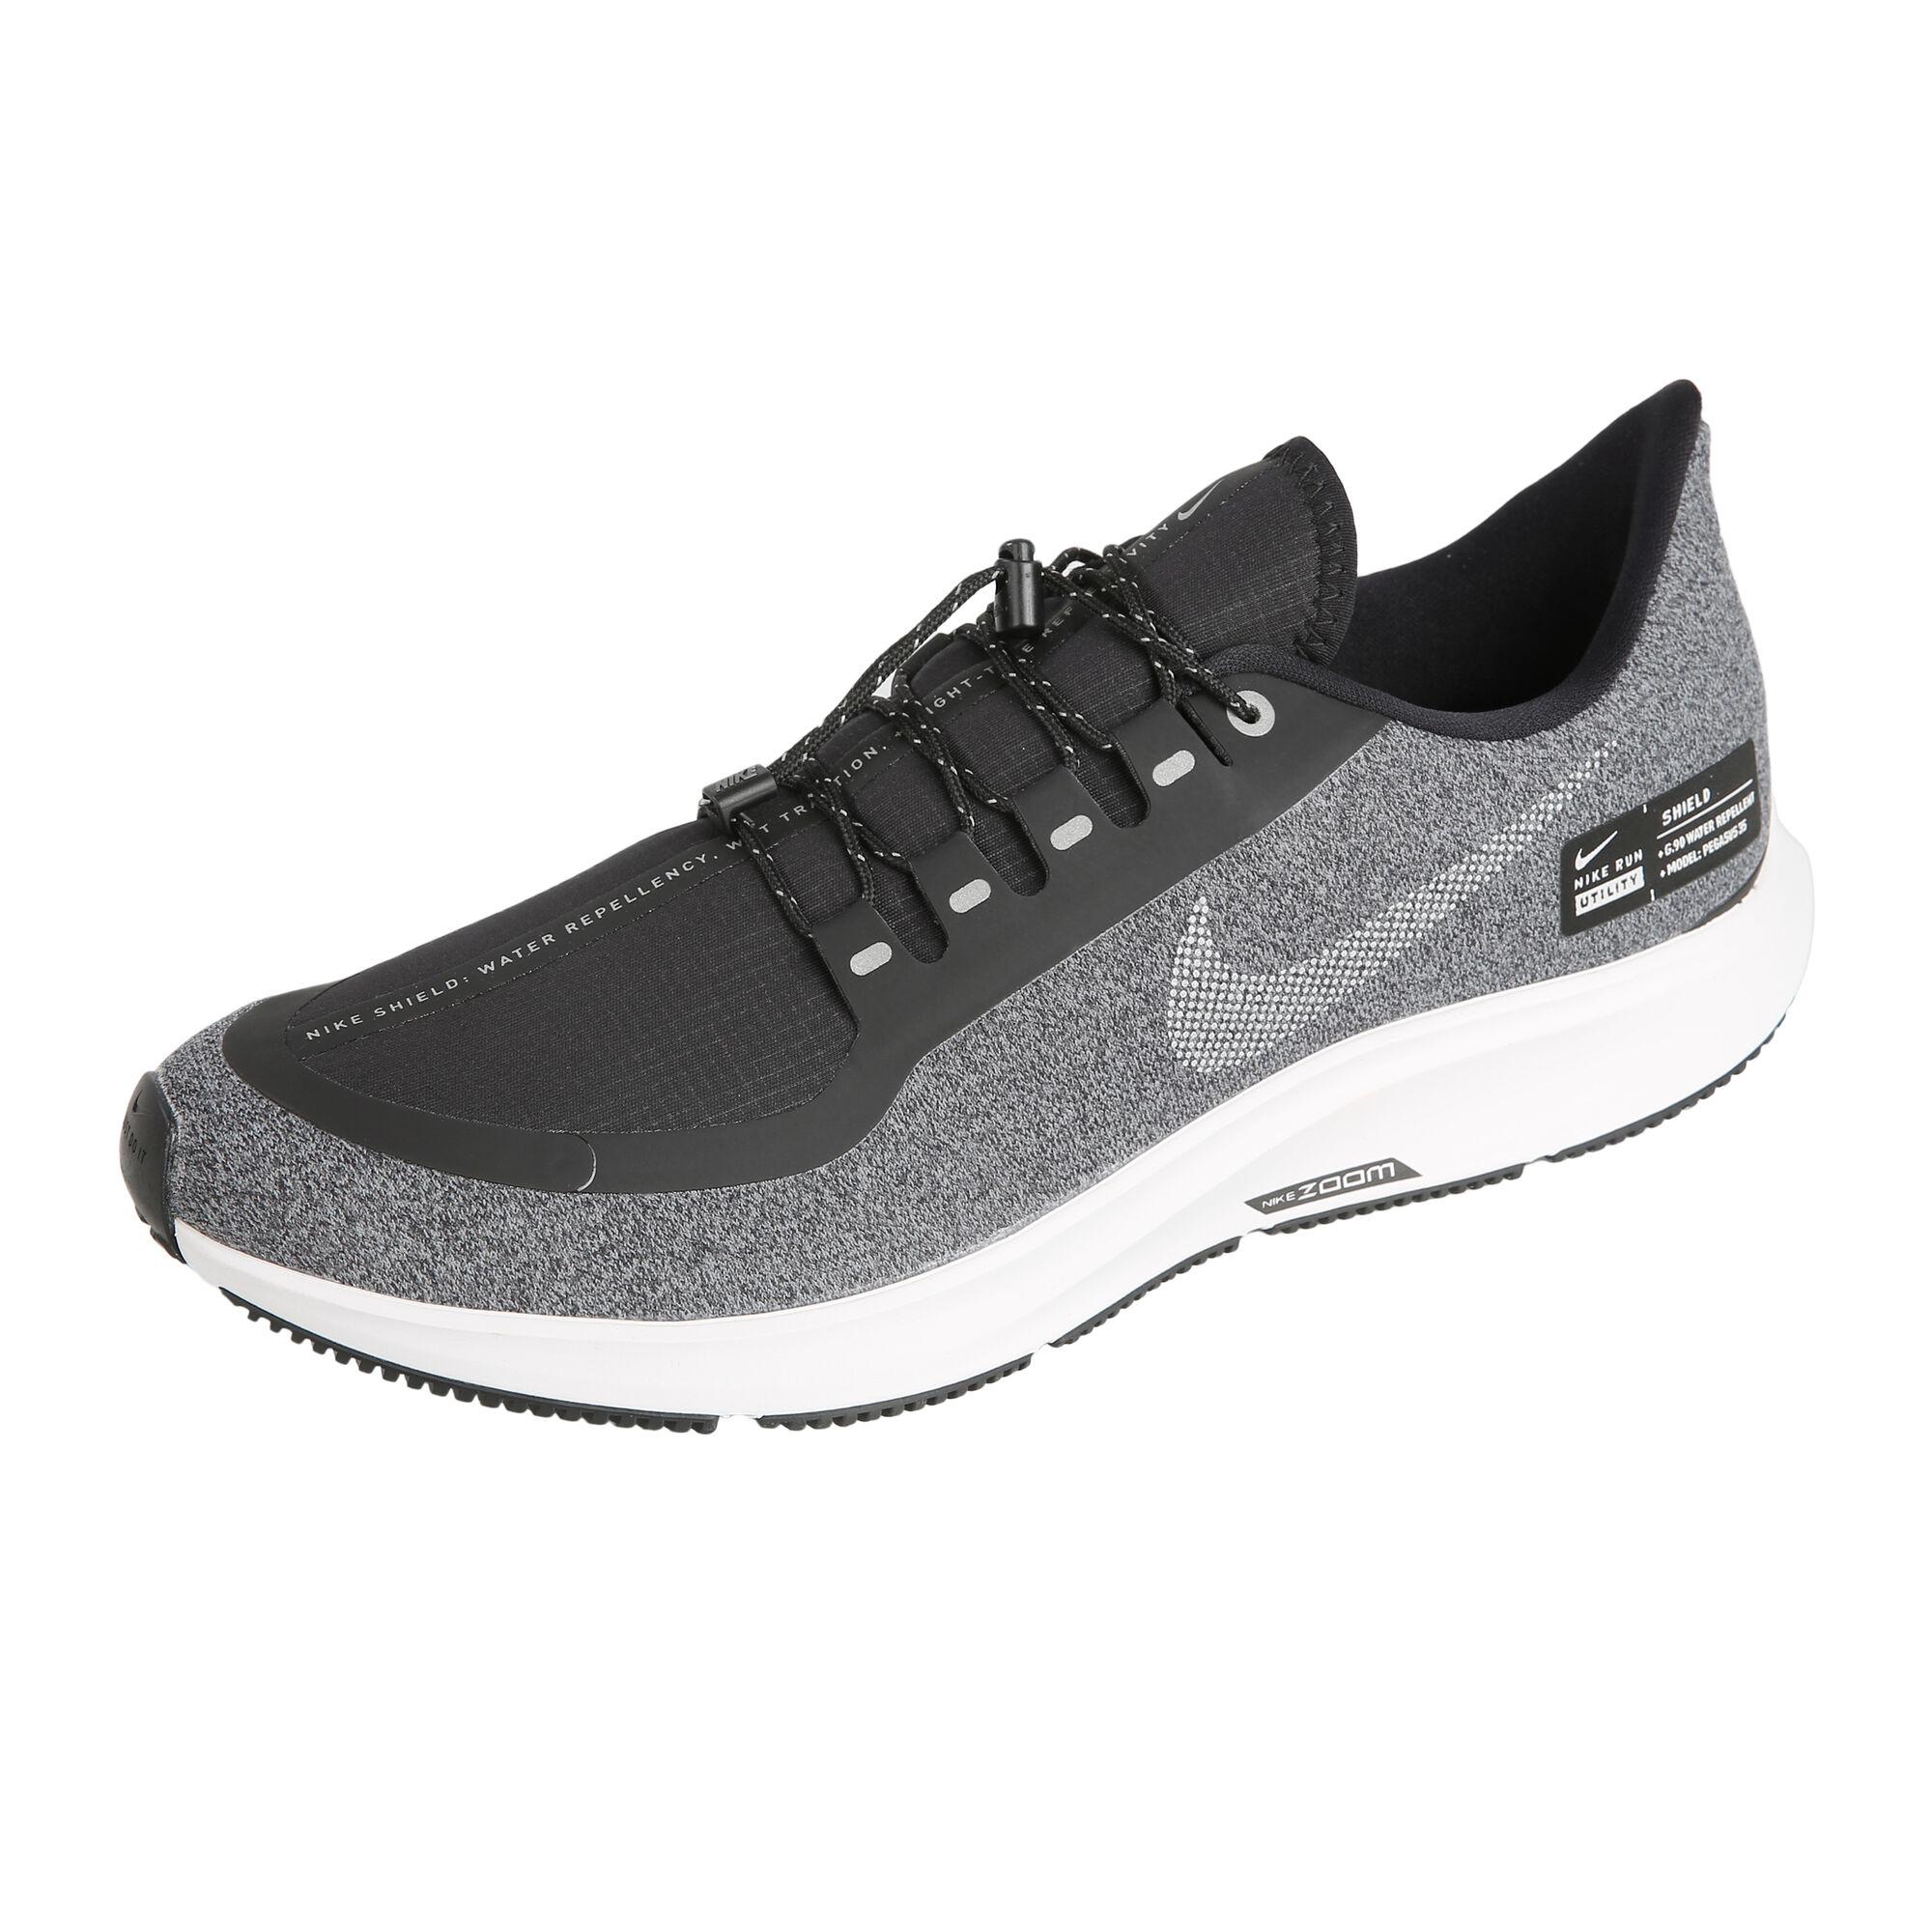 b30921aa8ef65 Nike · Nike · Nike · Nike · Nike · Nike · Nike · Nike · Nike. Air Zoom  Pegasus 35 Shield Men ...